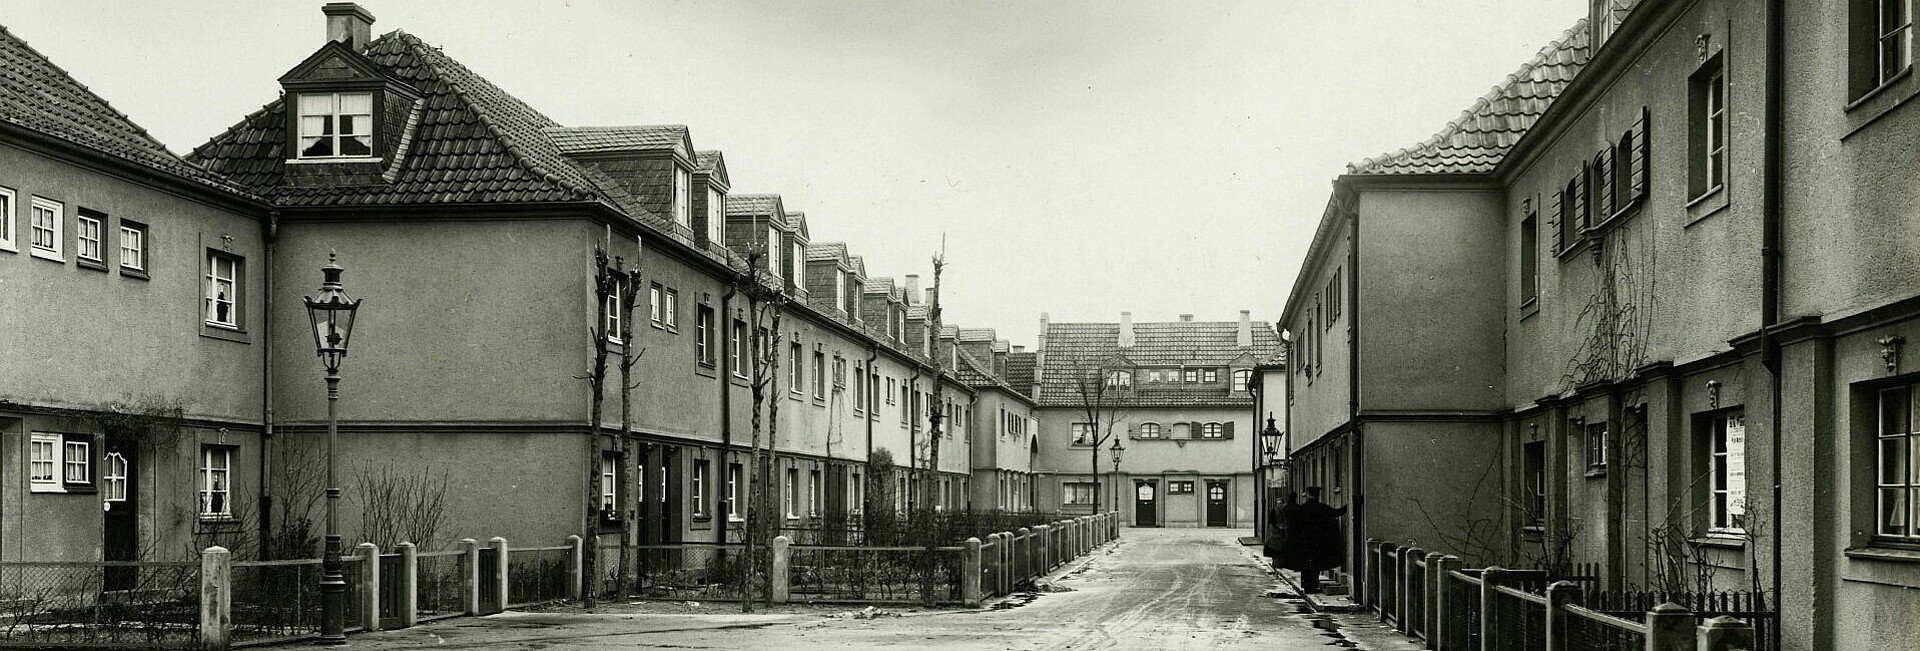 Historisches Foto der Siedlung Bickendorf I mit Blick auf Straße und Vorgärten in Bickendorf